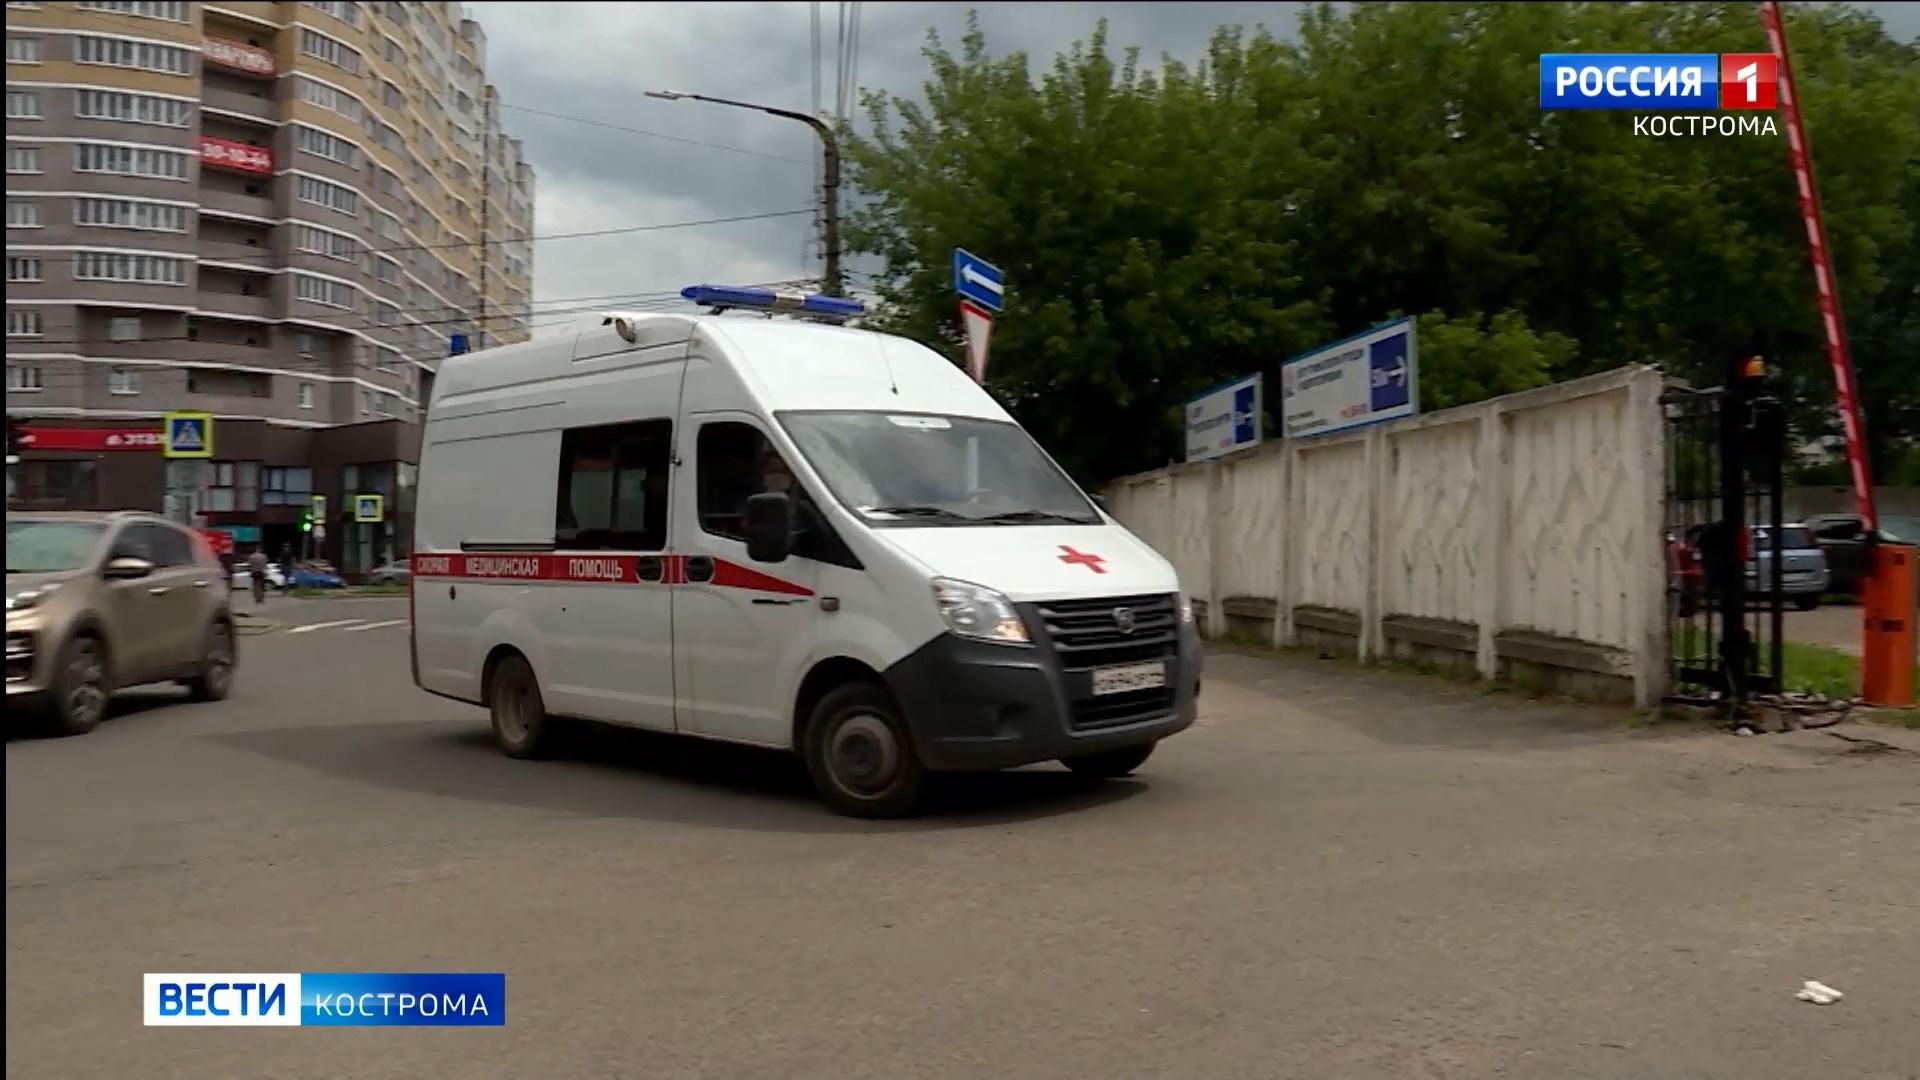 Росздравнадзор проверит организацию работы костромской скорой помощи